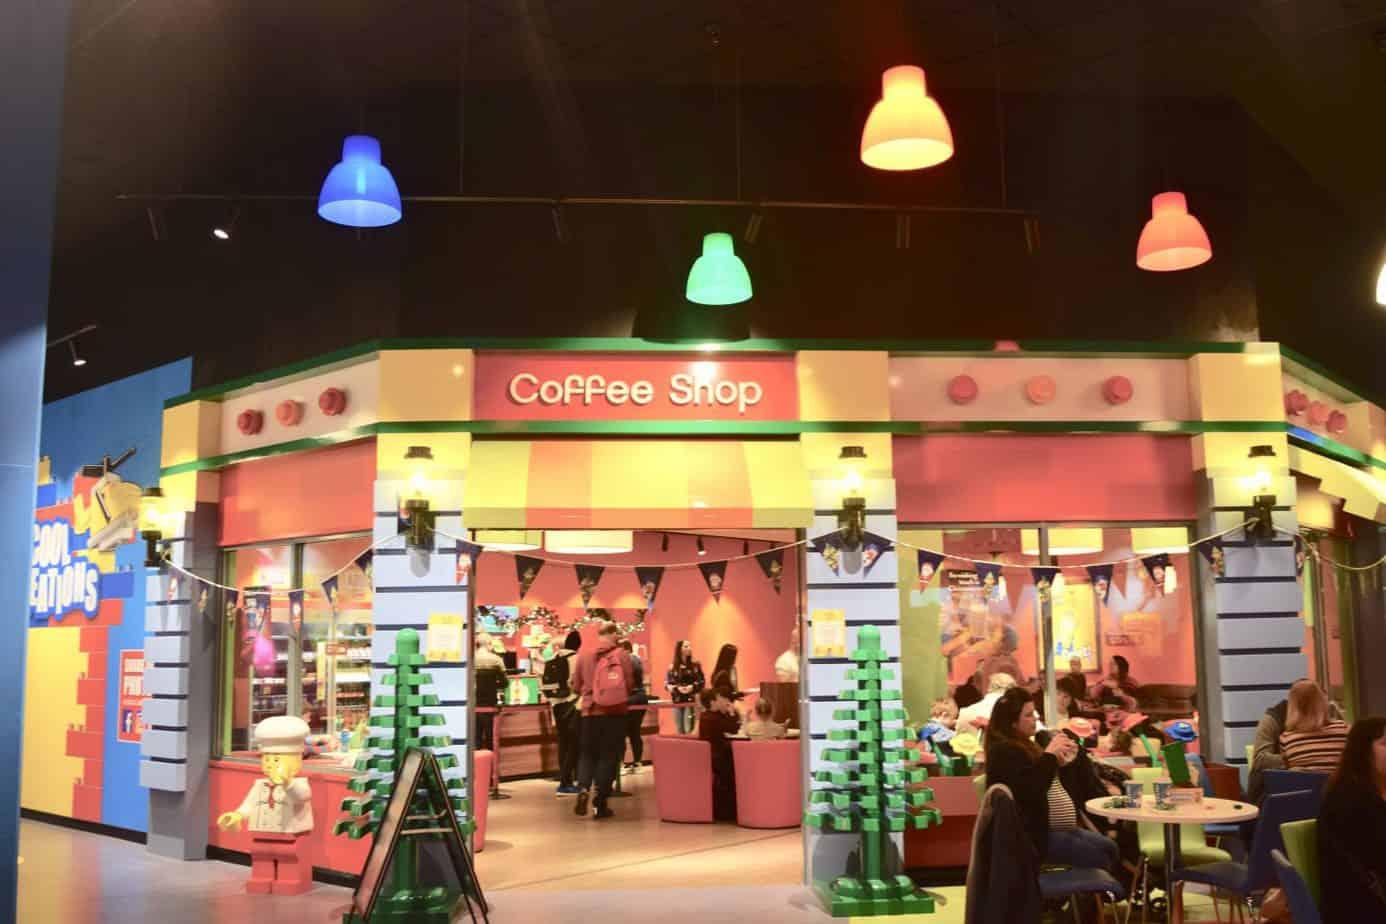 Legoland Discovery Centre's Cafe